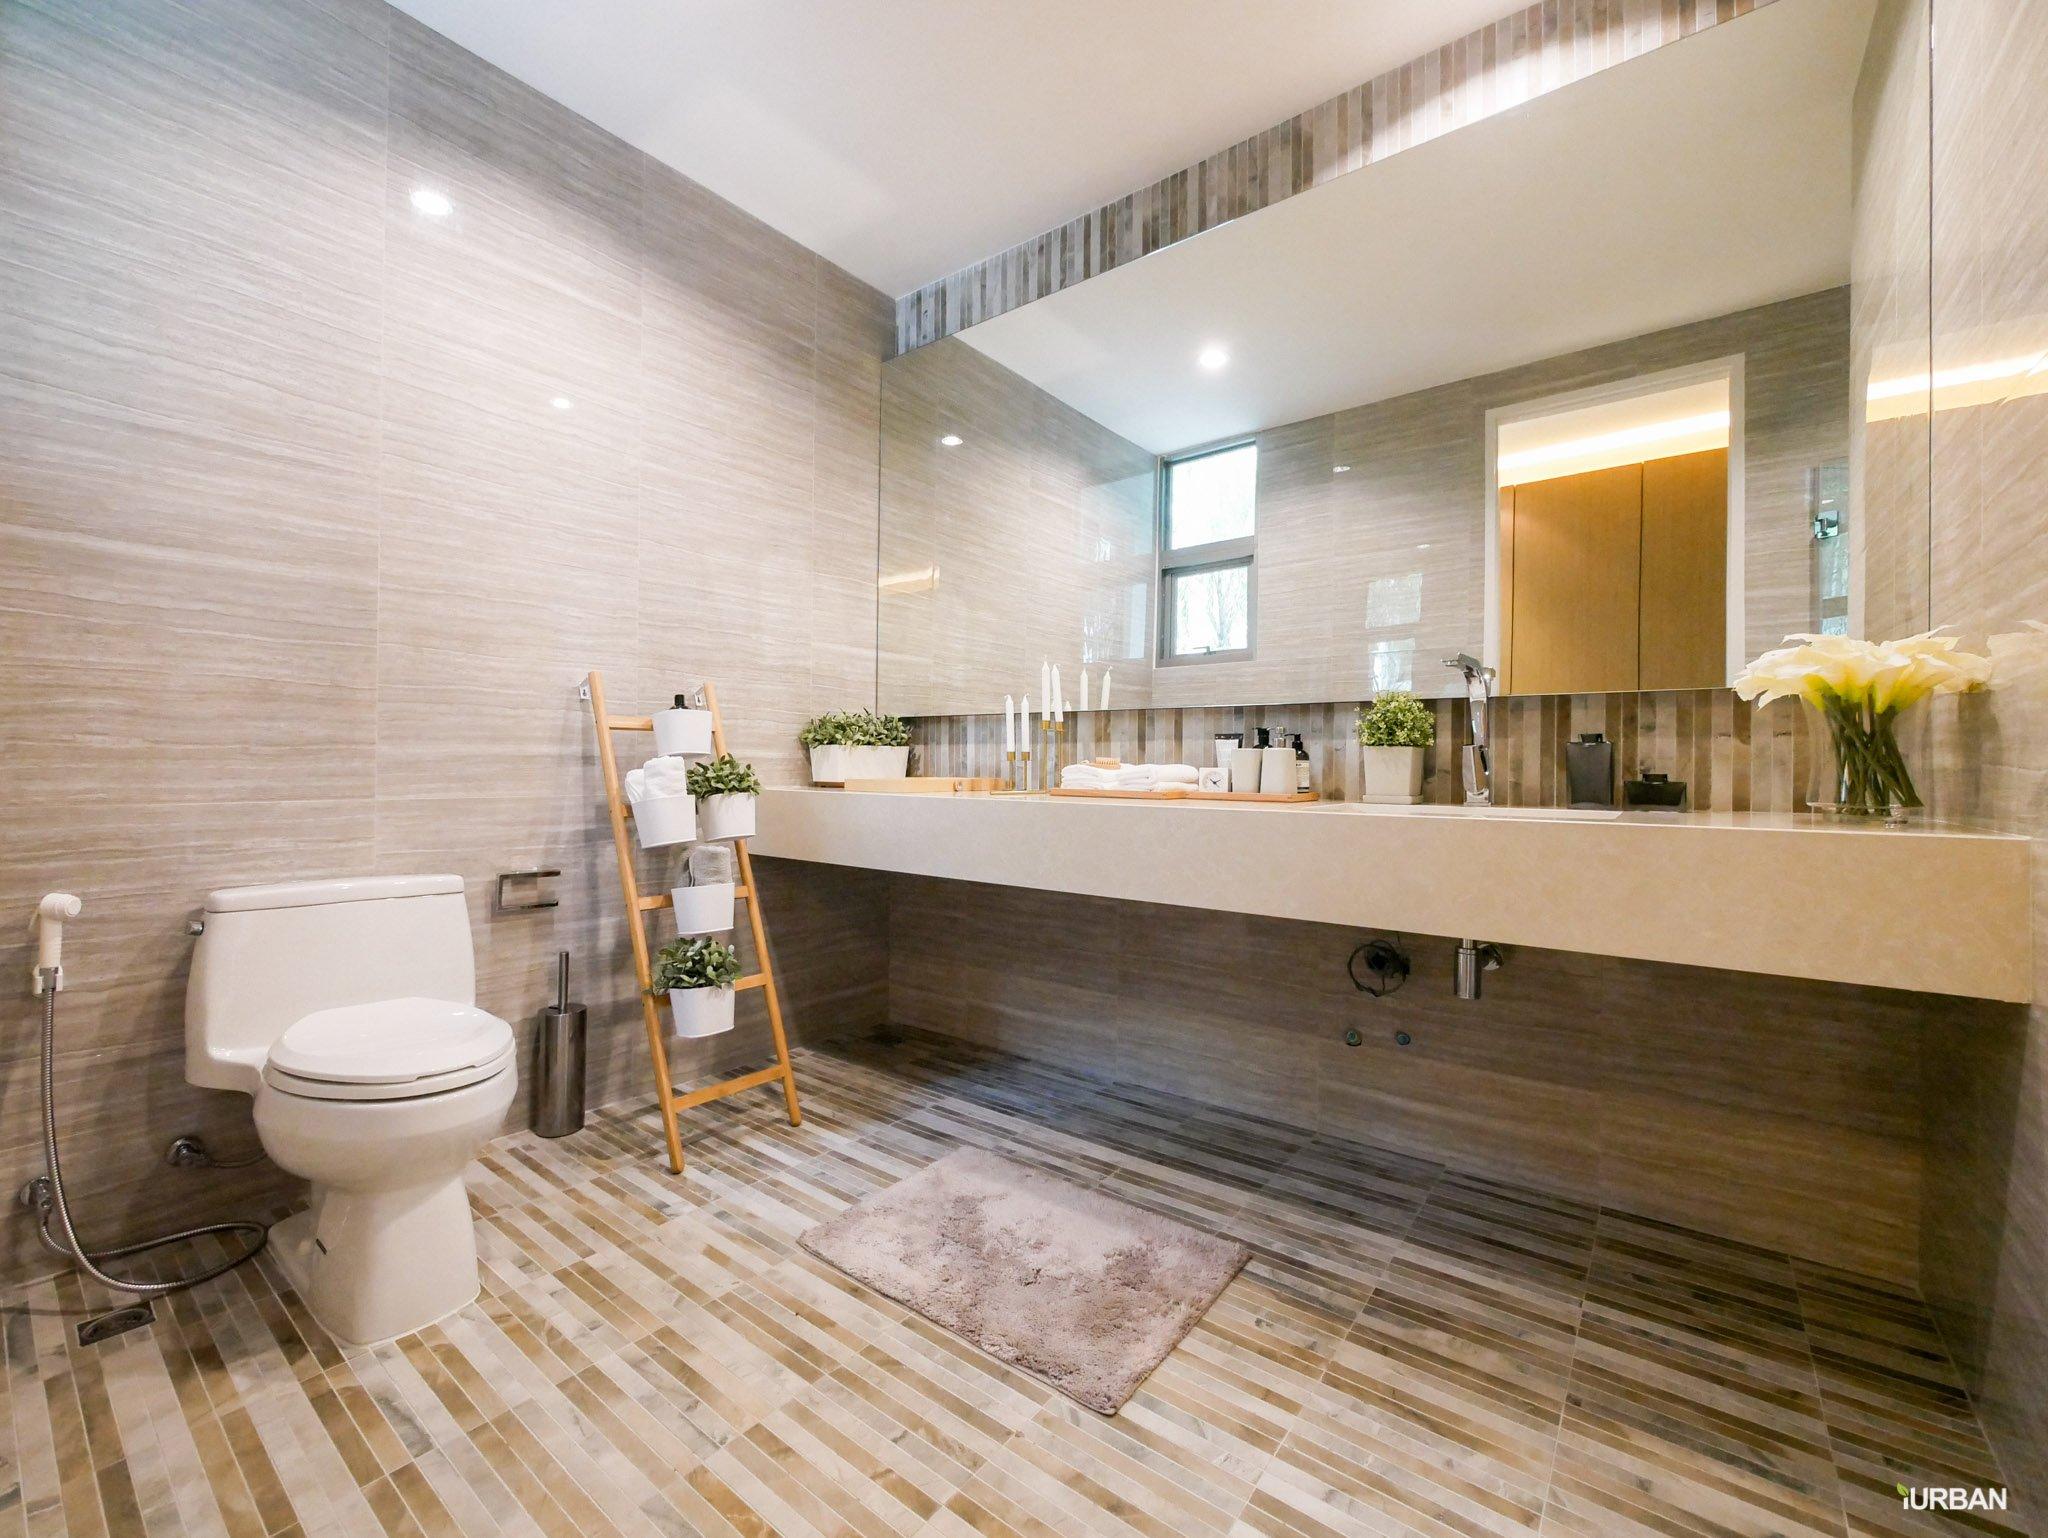 รีวิว Nirvana Beyond พระราม 2 บ้านที่ออกแบบทุกดีเทลเพื่อความสุขทุก GEN ของครอบครัวใหญ่ 74 - Beyond